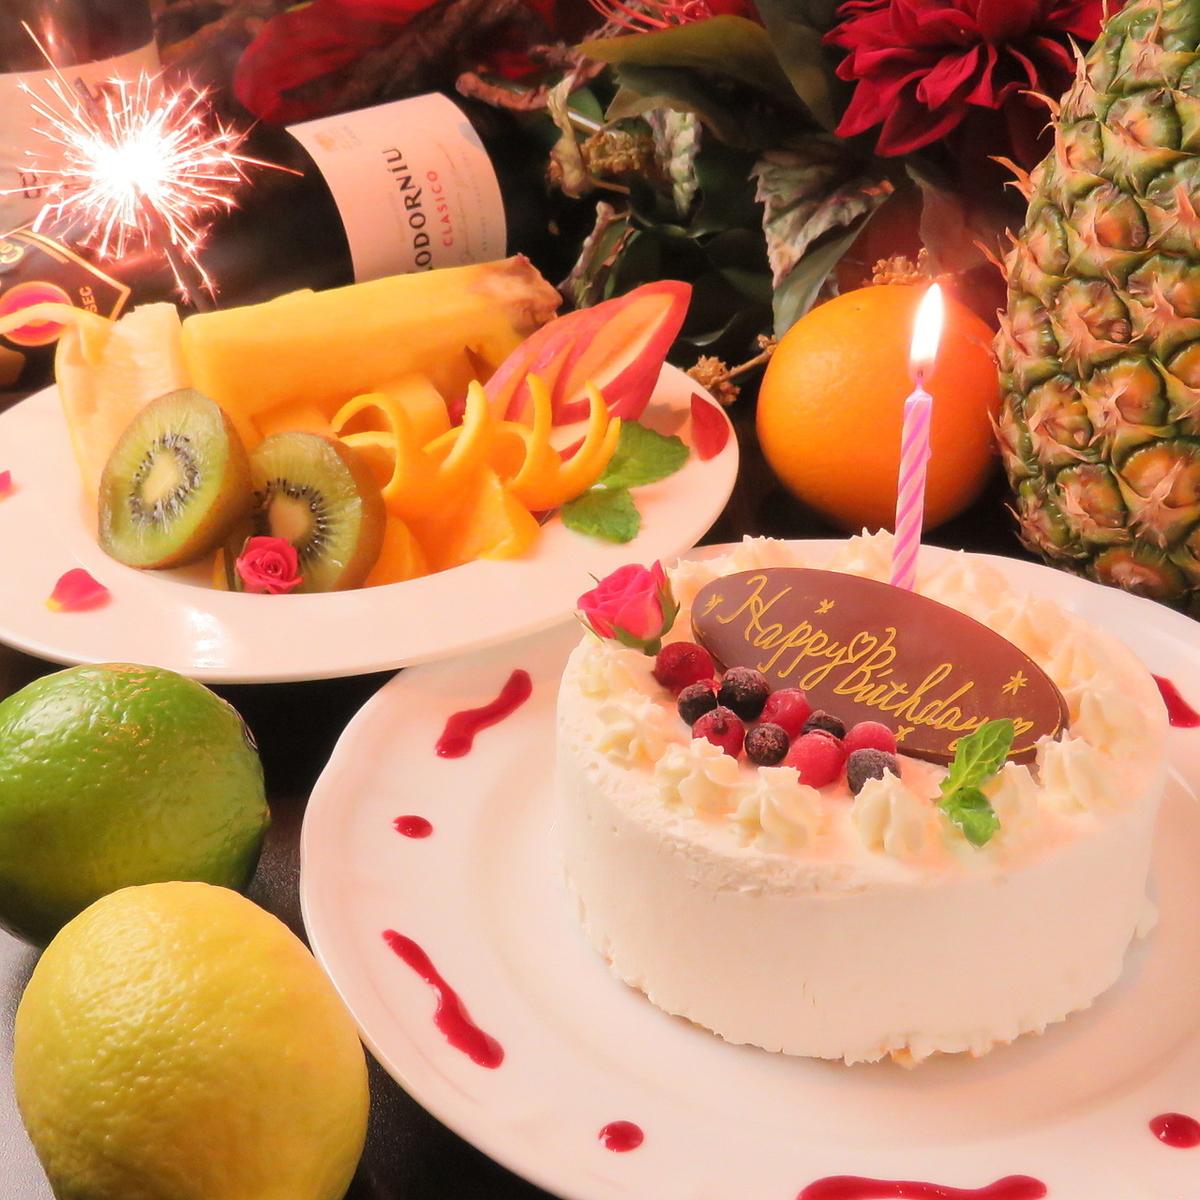 ◎私人房间的生日和周年纪念日